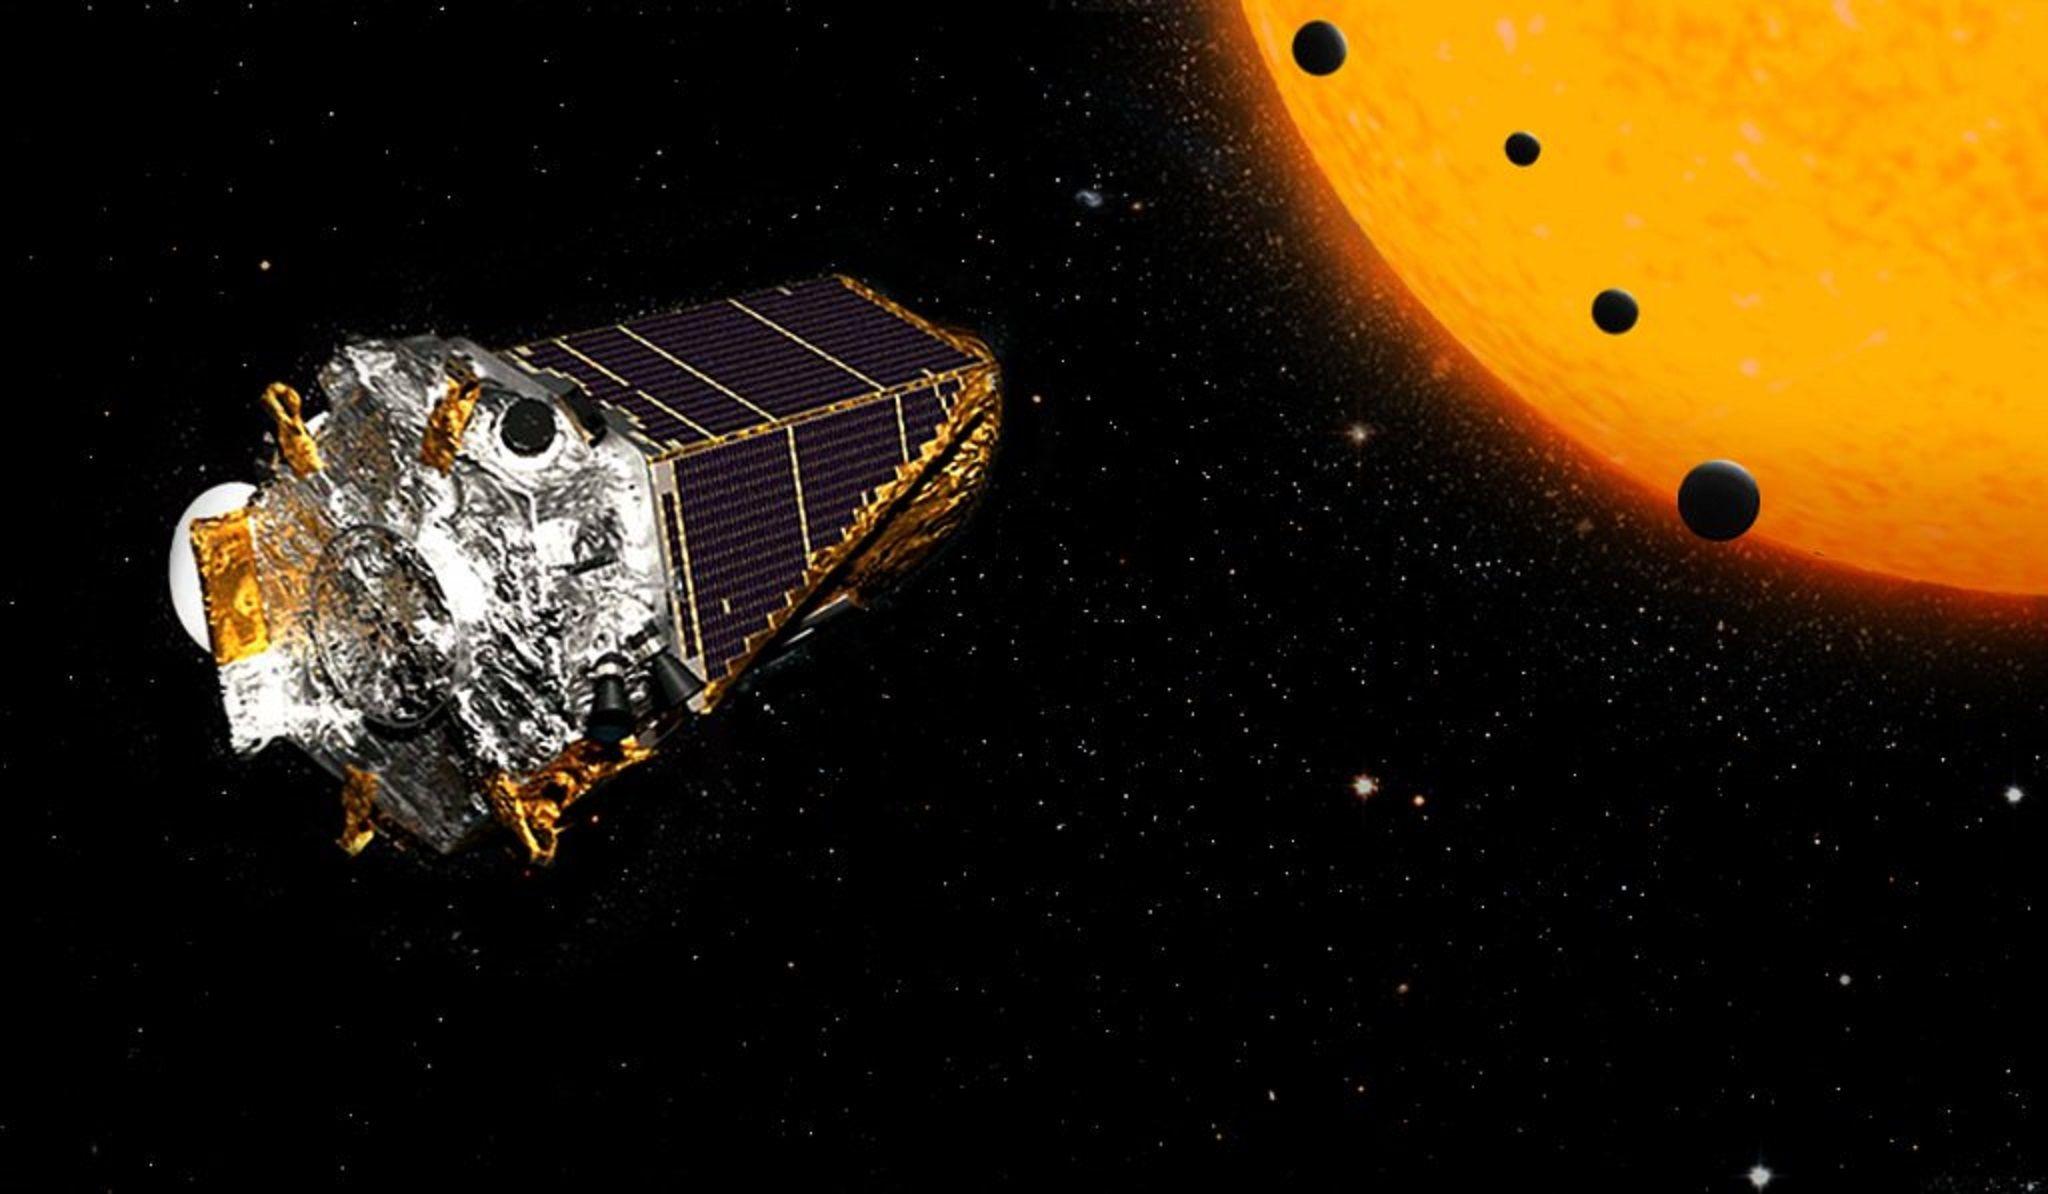 La NASA descubrió un sistema solar de 8 planetas parecido al nuestro